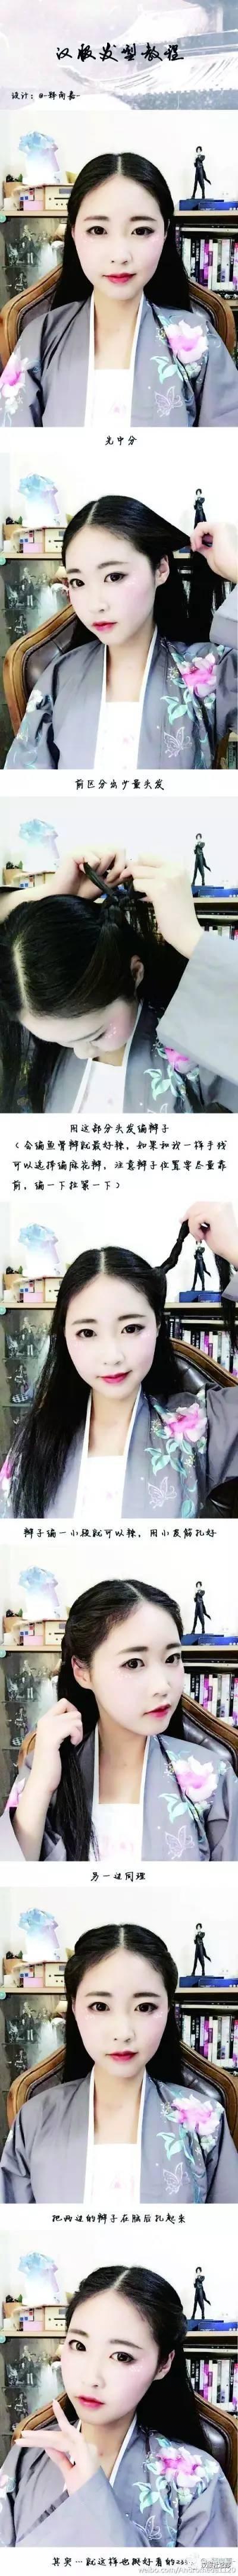 【汉服发型】简单日常汉服发型,可古风可优雅-图片1